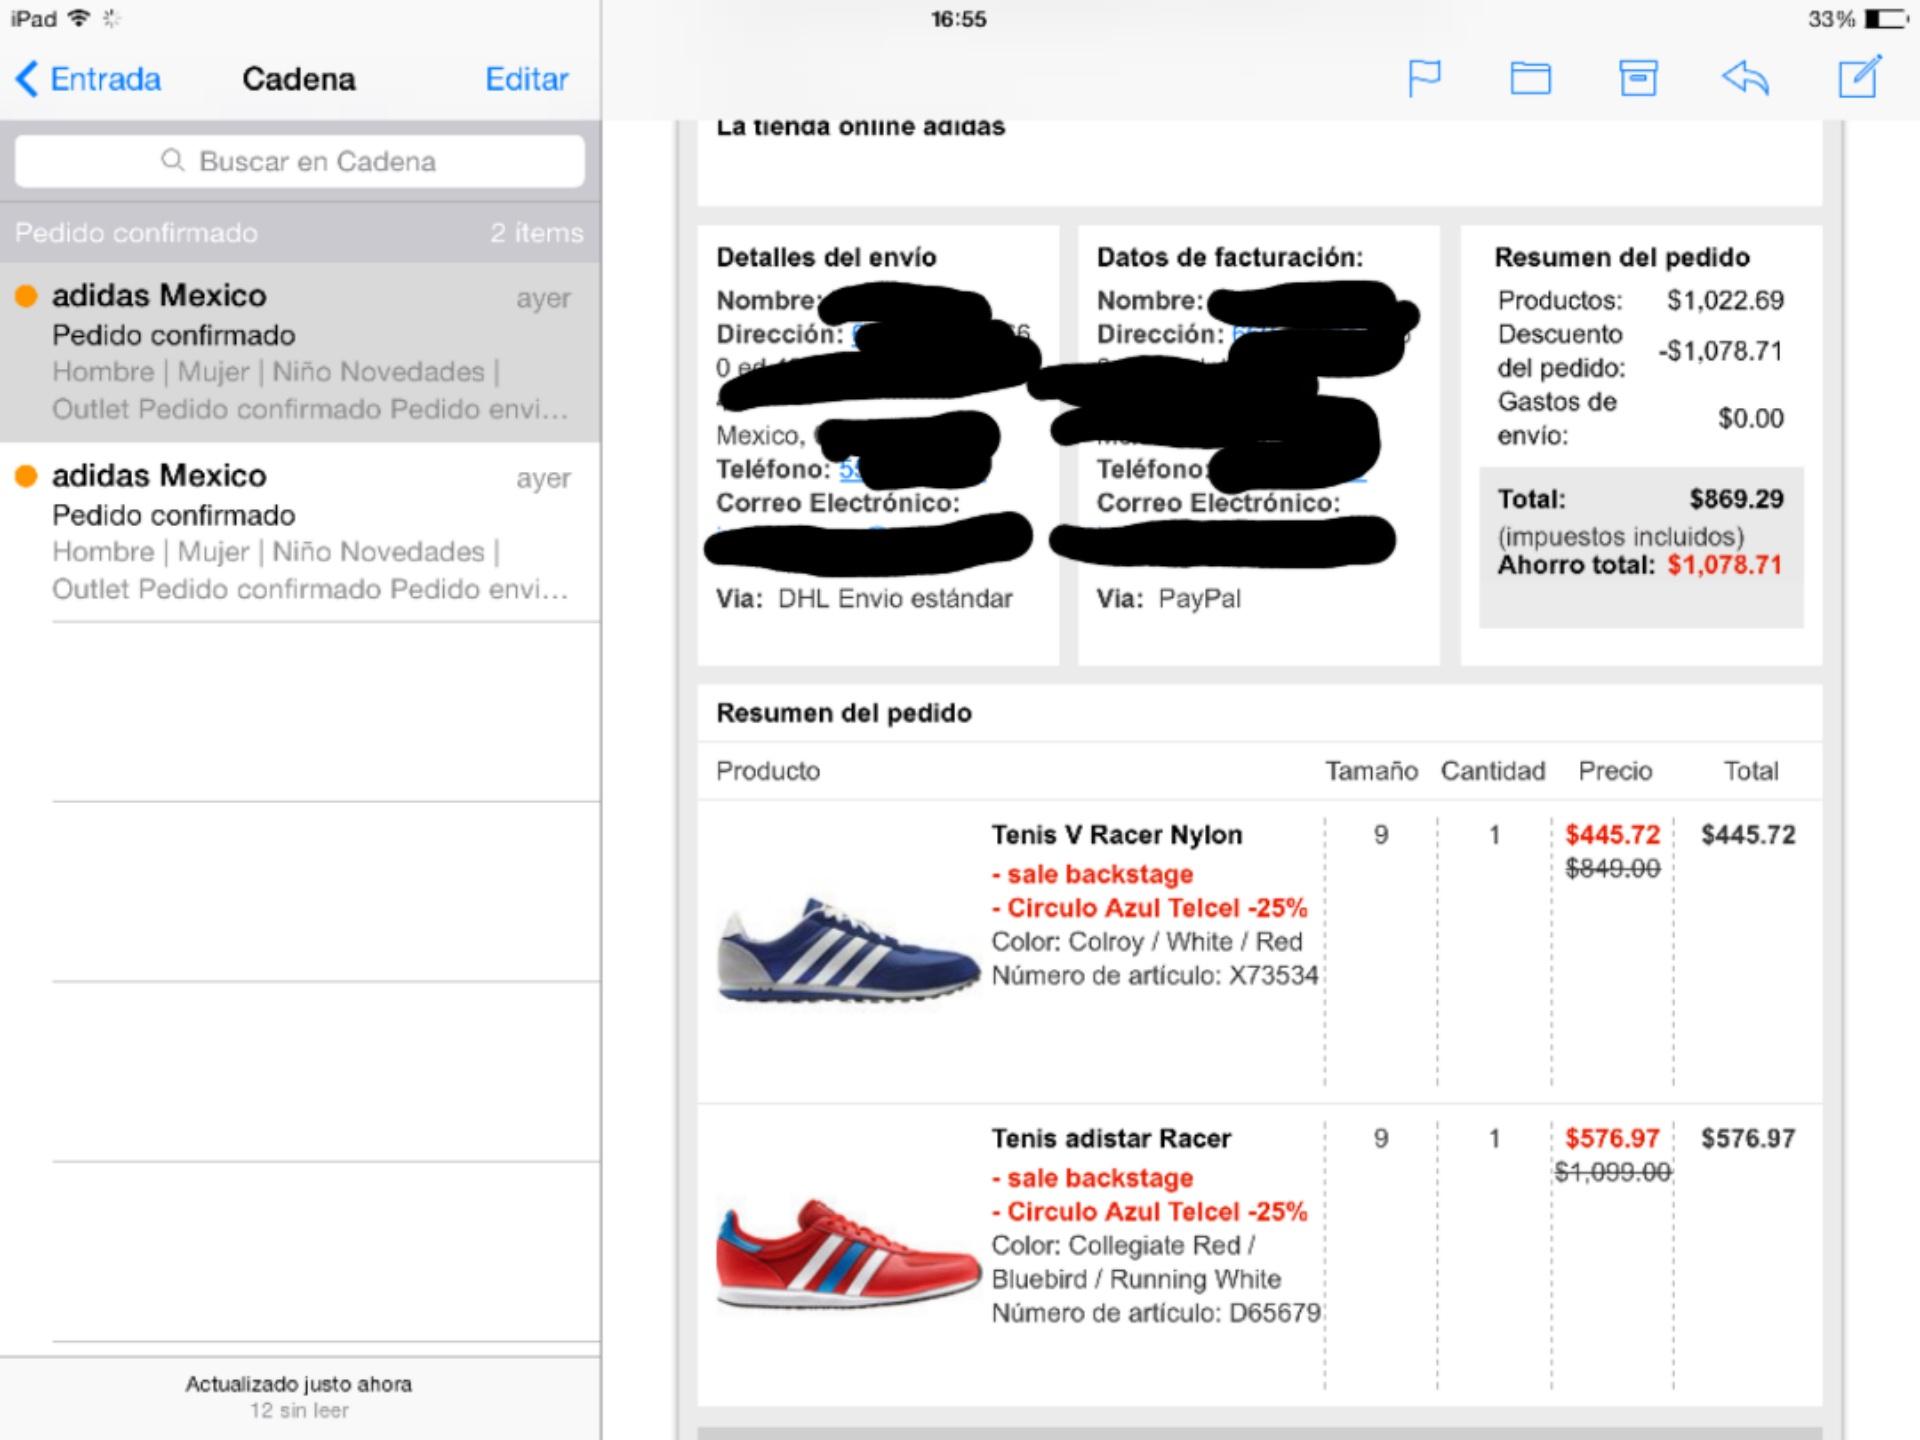 Adidas 15% con Paypal + 25% con cupón